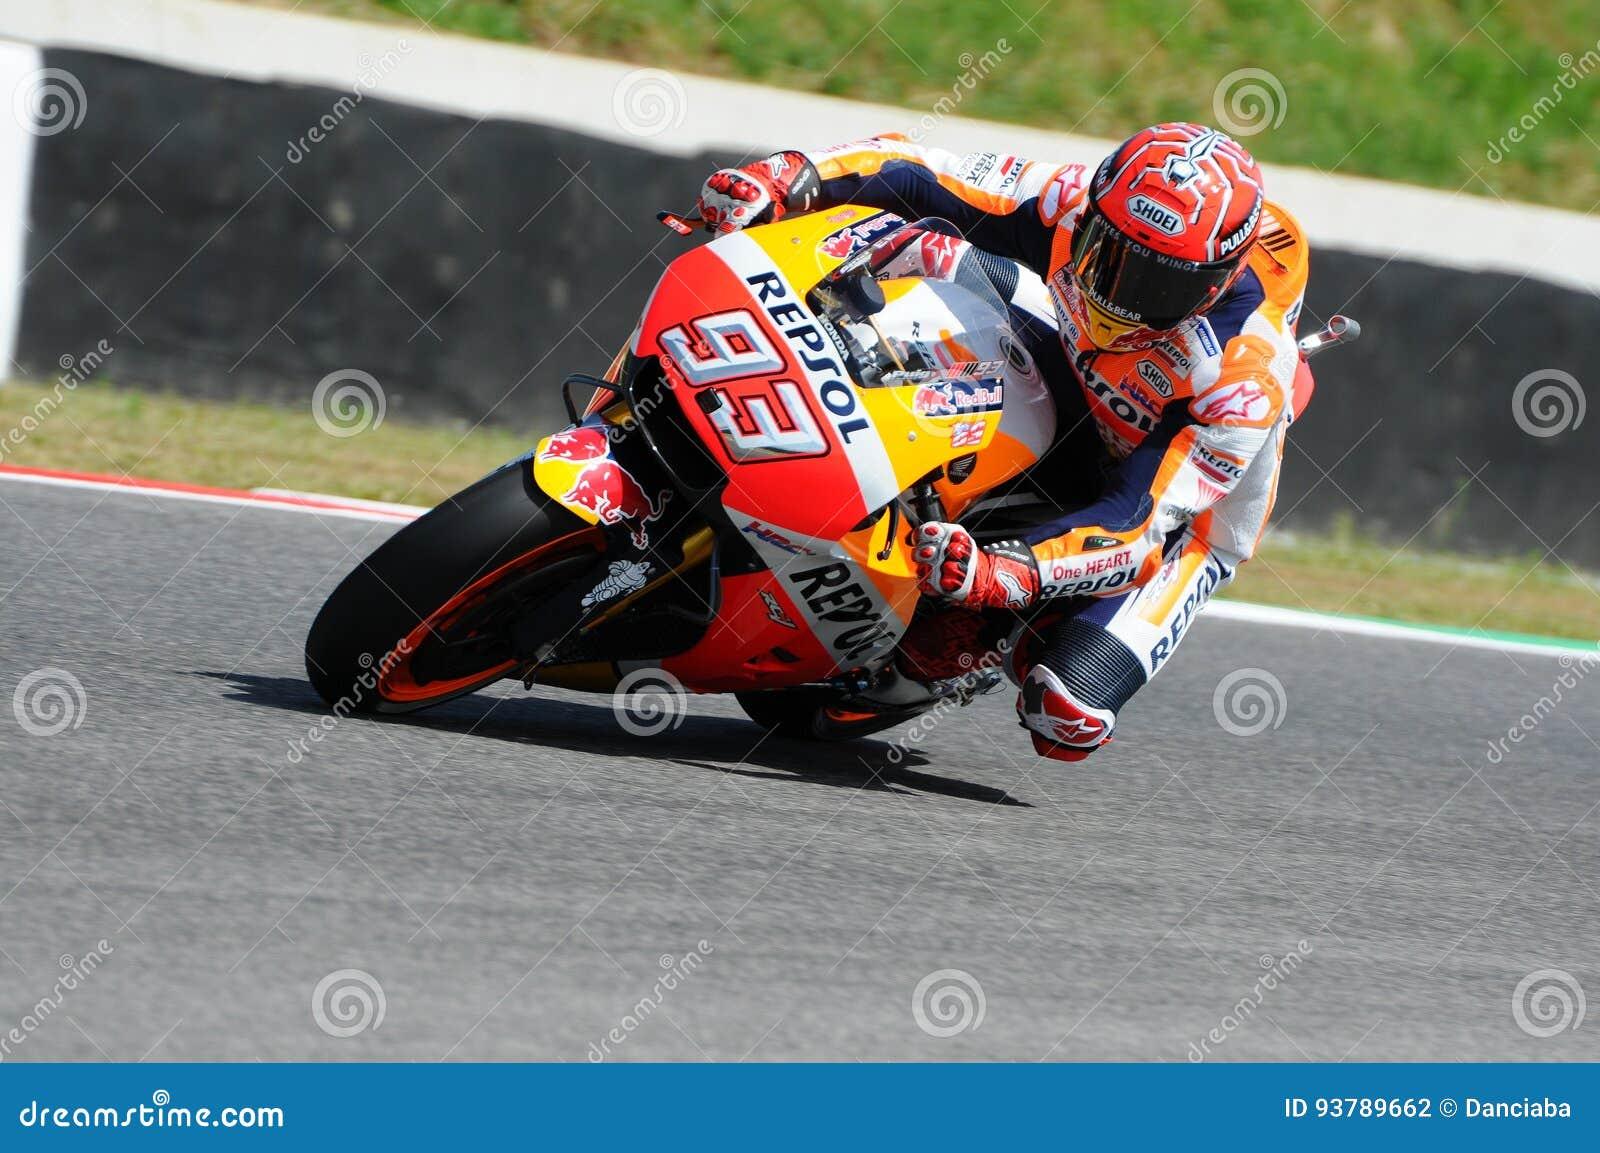 Circuit Italia Motogp : Mugello italy june spanish honda rider marc marquez